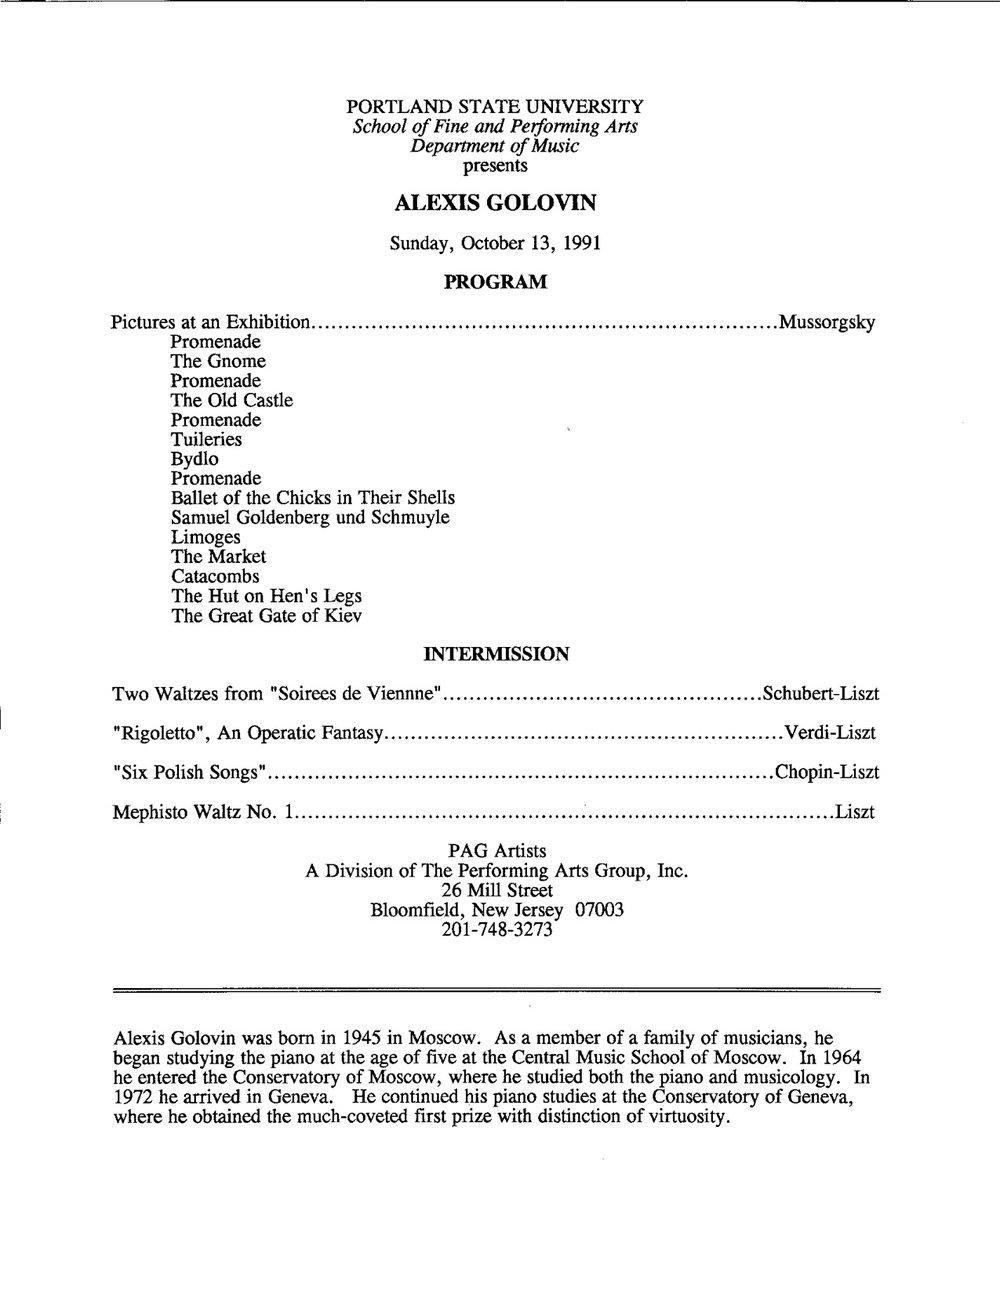 Golovin91-92_Program2.jpg